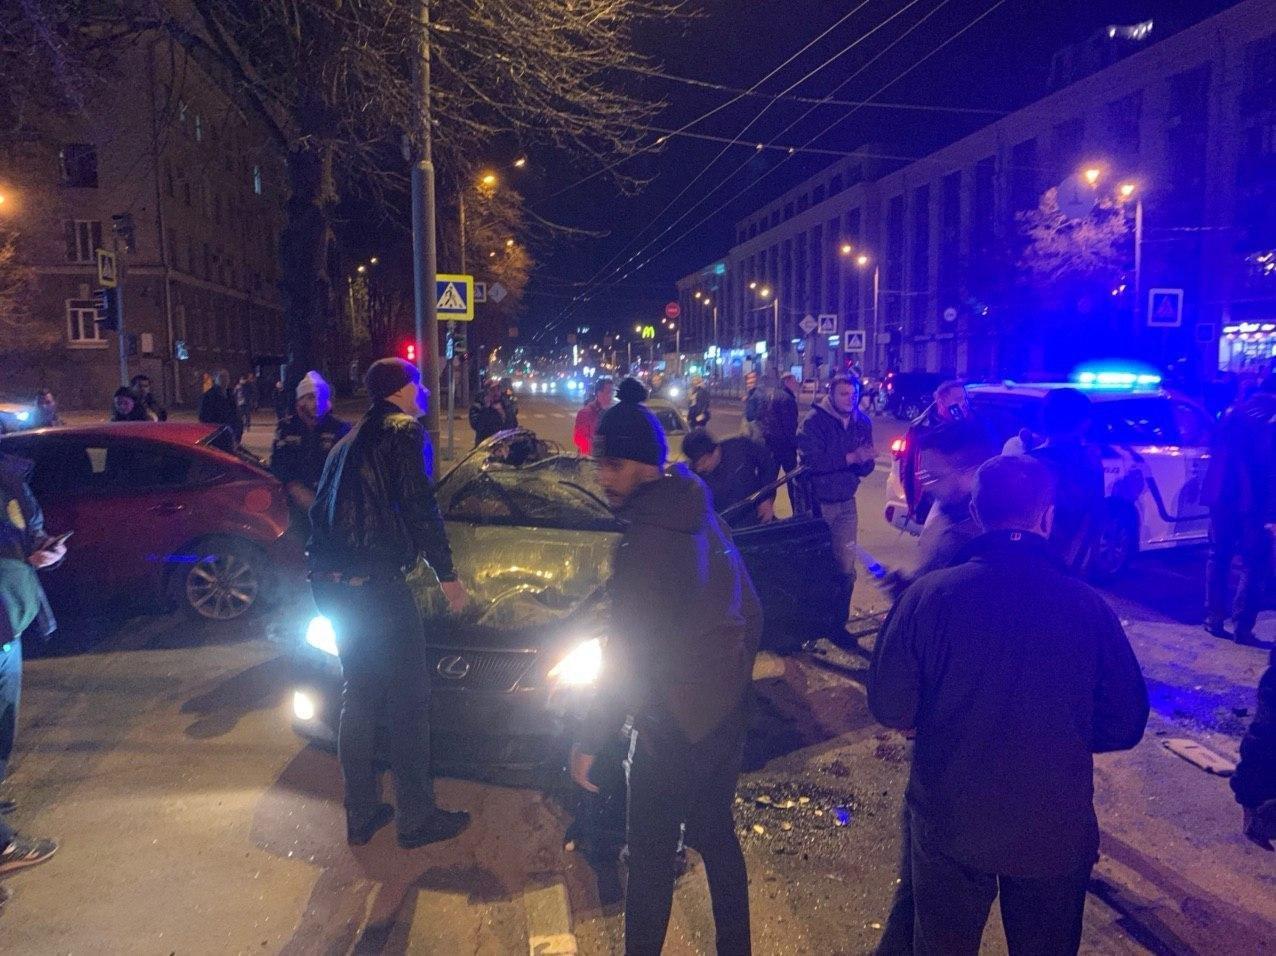 В Харькове патрульные попали в тройное ДТП: пострадали пять человек, - ФОТО, фото-2